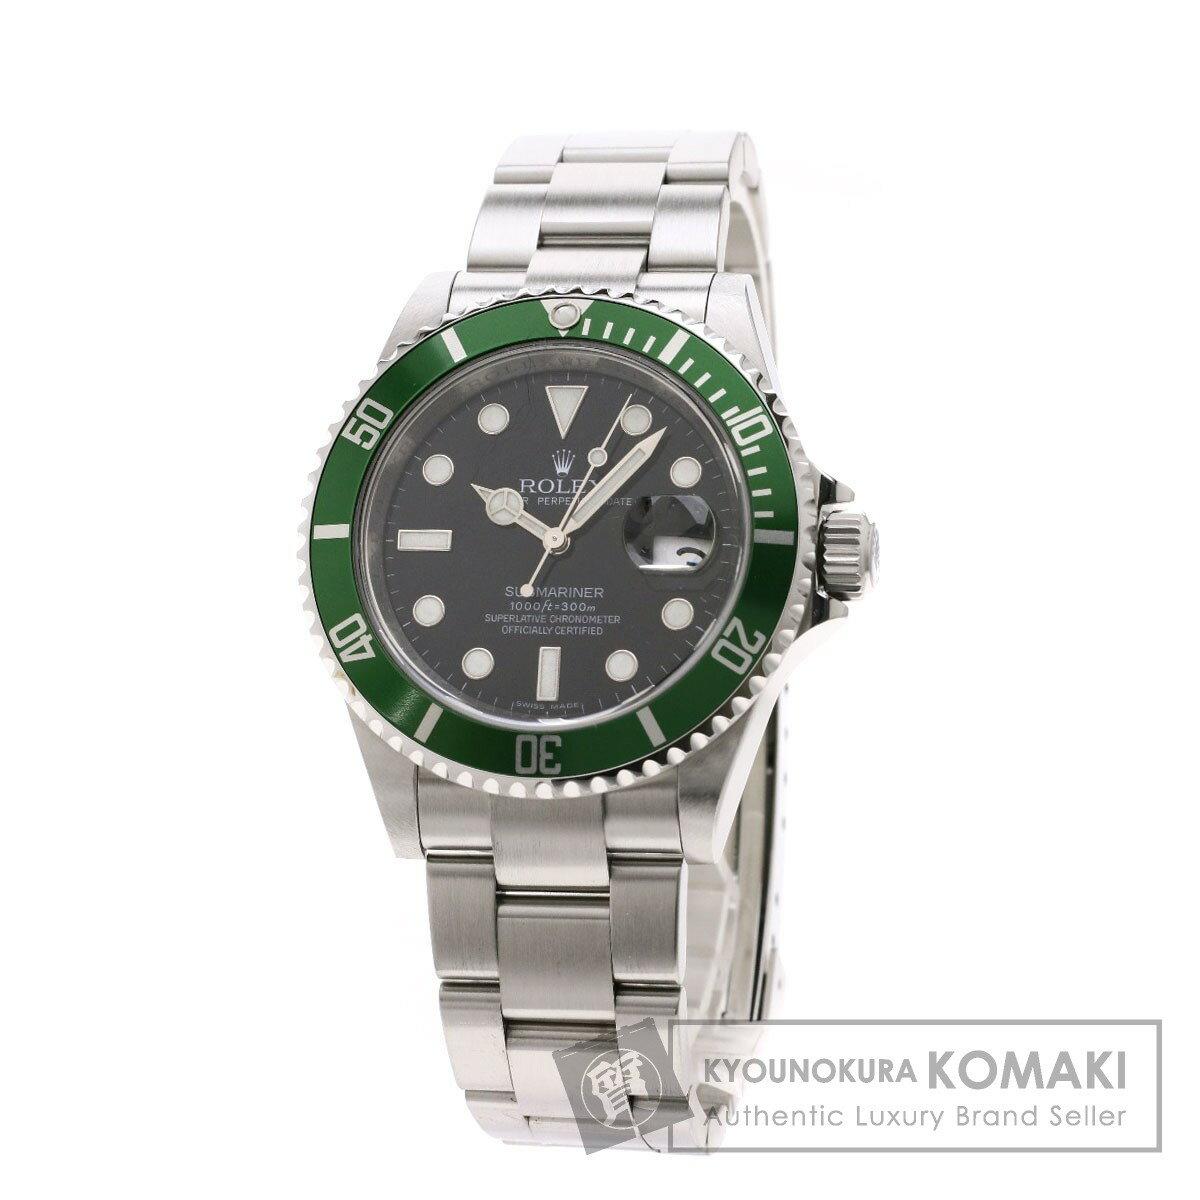 ロレックス 16610LV サブマリーナ デイト グリーンベゼル 腕時計 ステンレススチール/SS メンズ 【中古】【ROLEX】